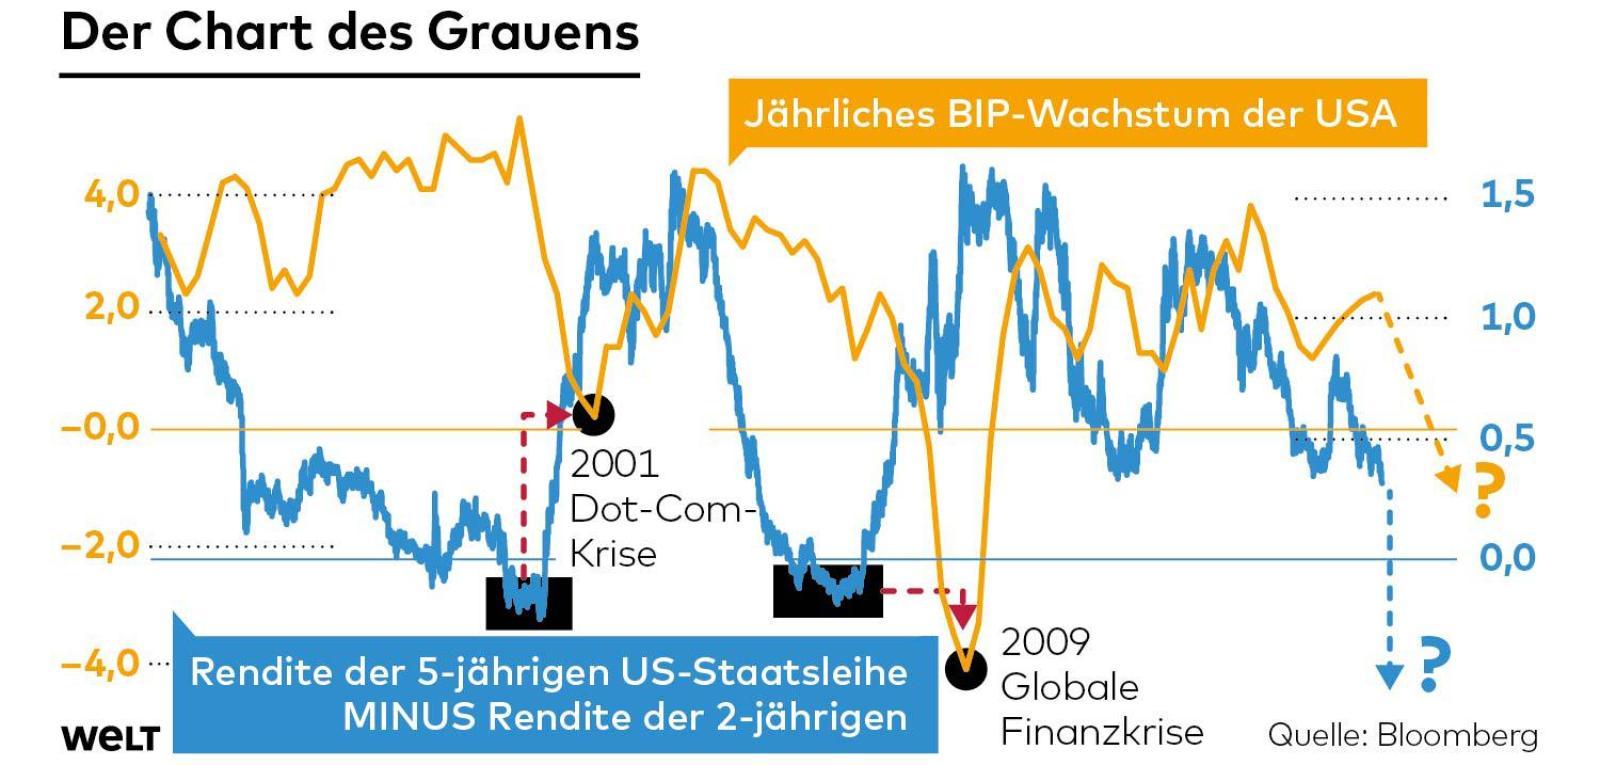 dwo-fi-chart-des-grauens-sk-jpg.jpg